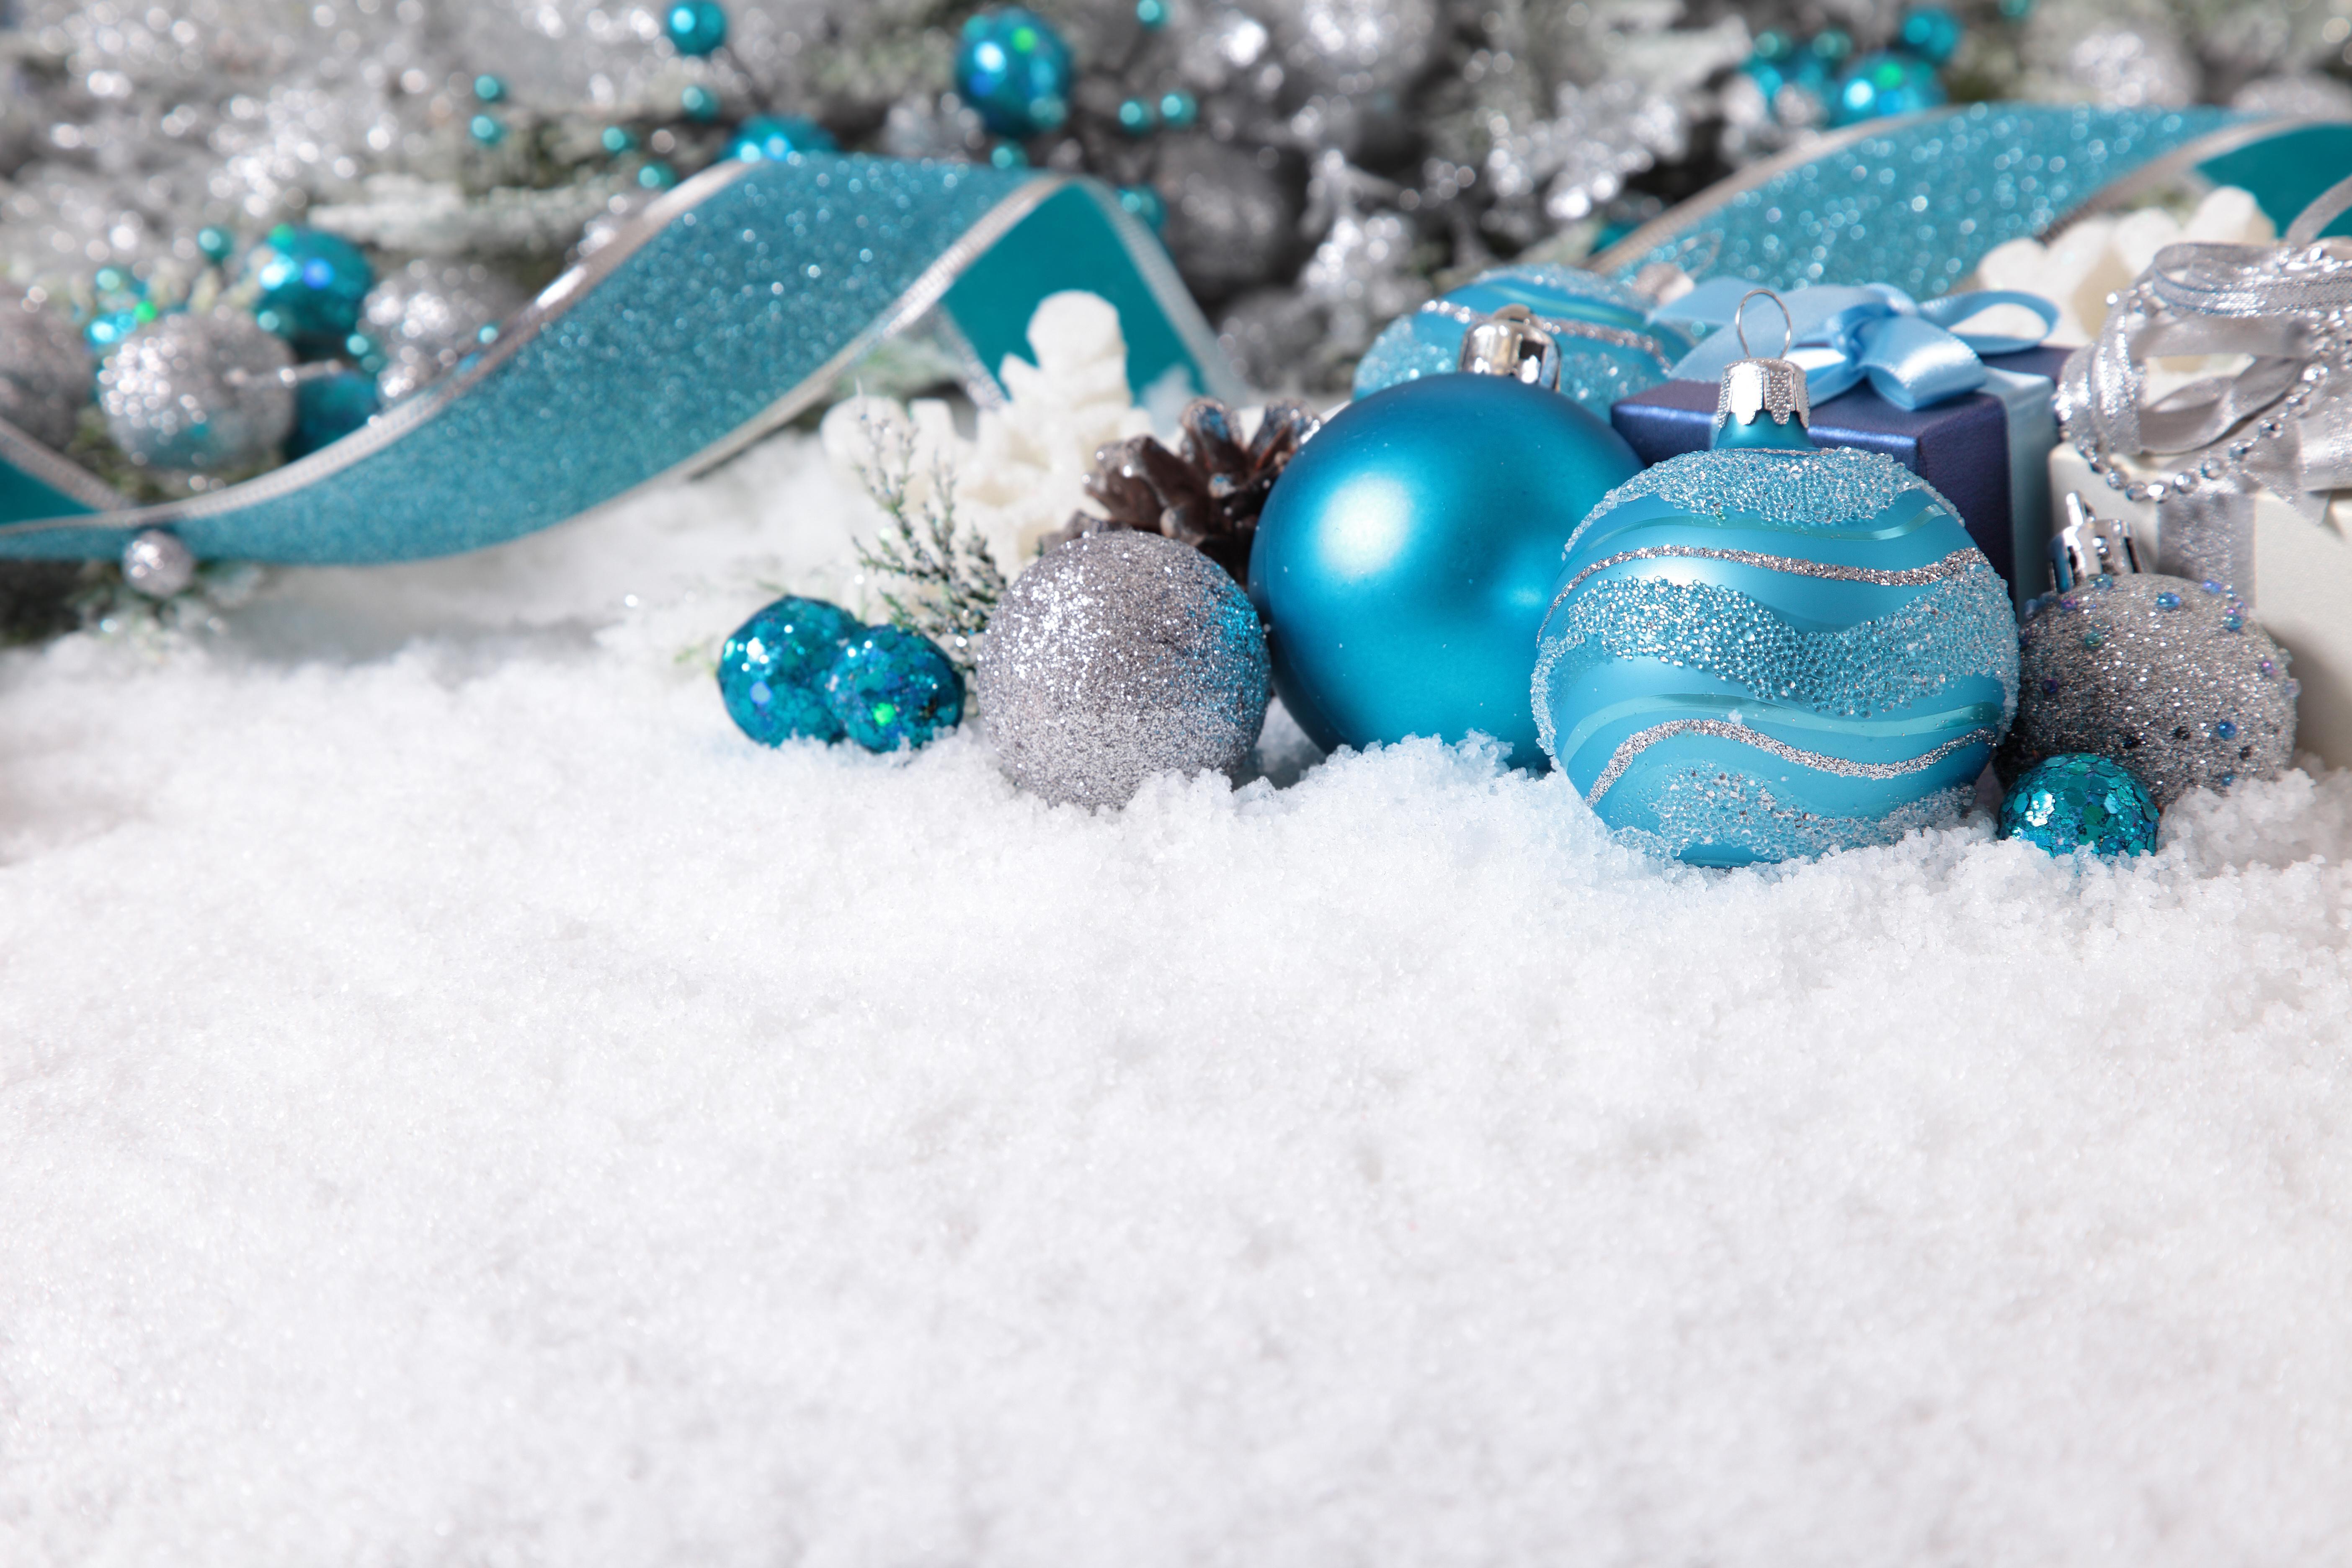 обои новый год, новогодний фон, новогодние обои, С новым годом картинки фото